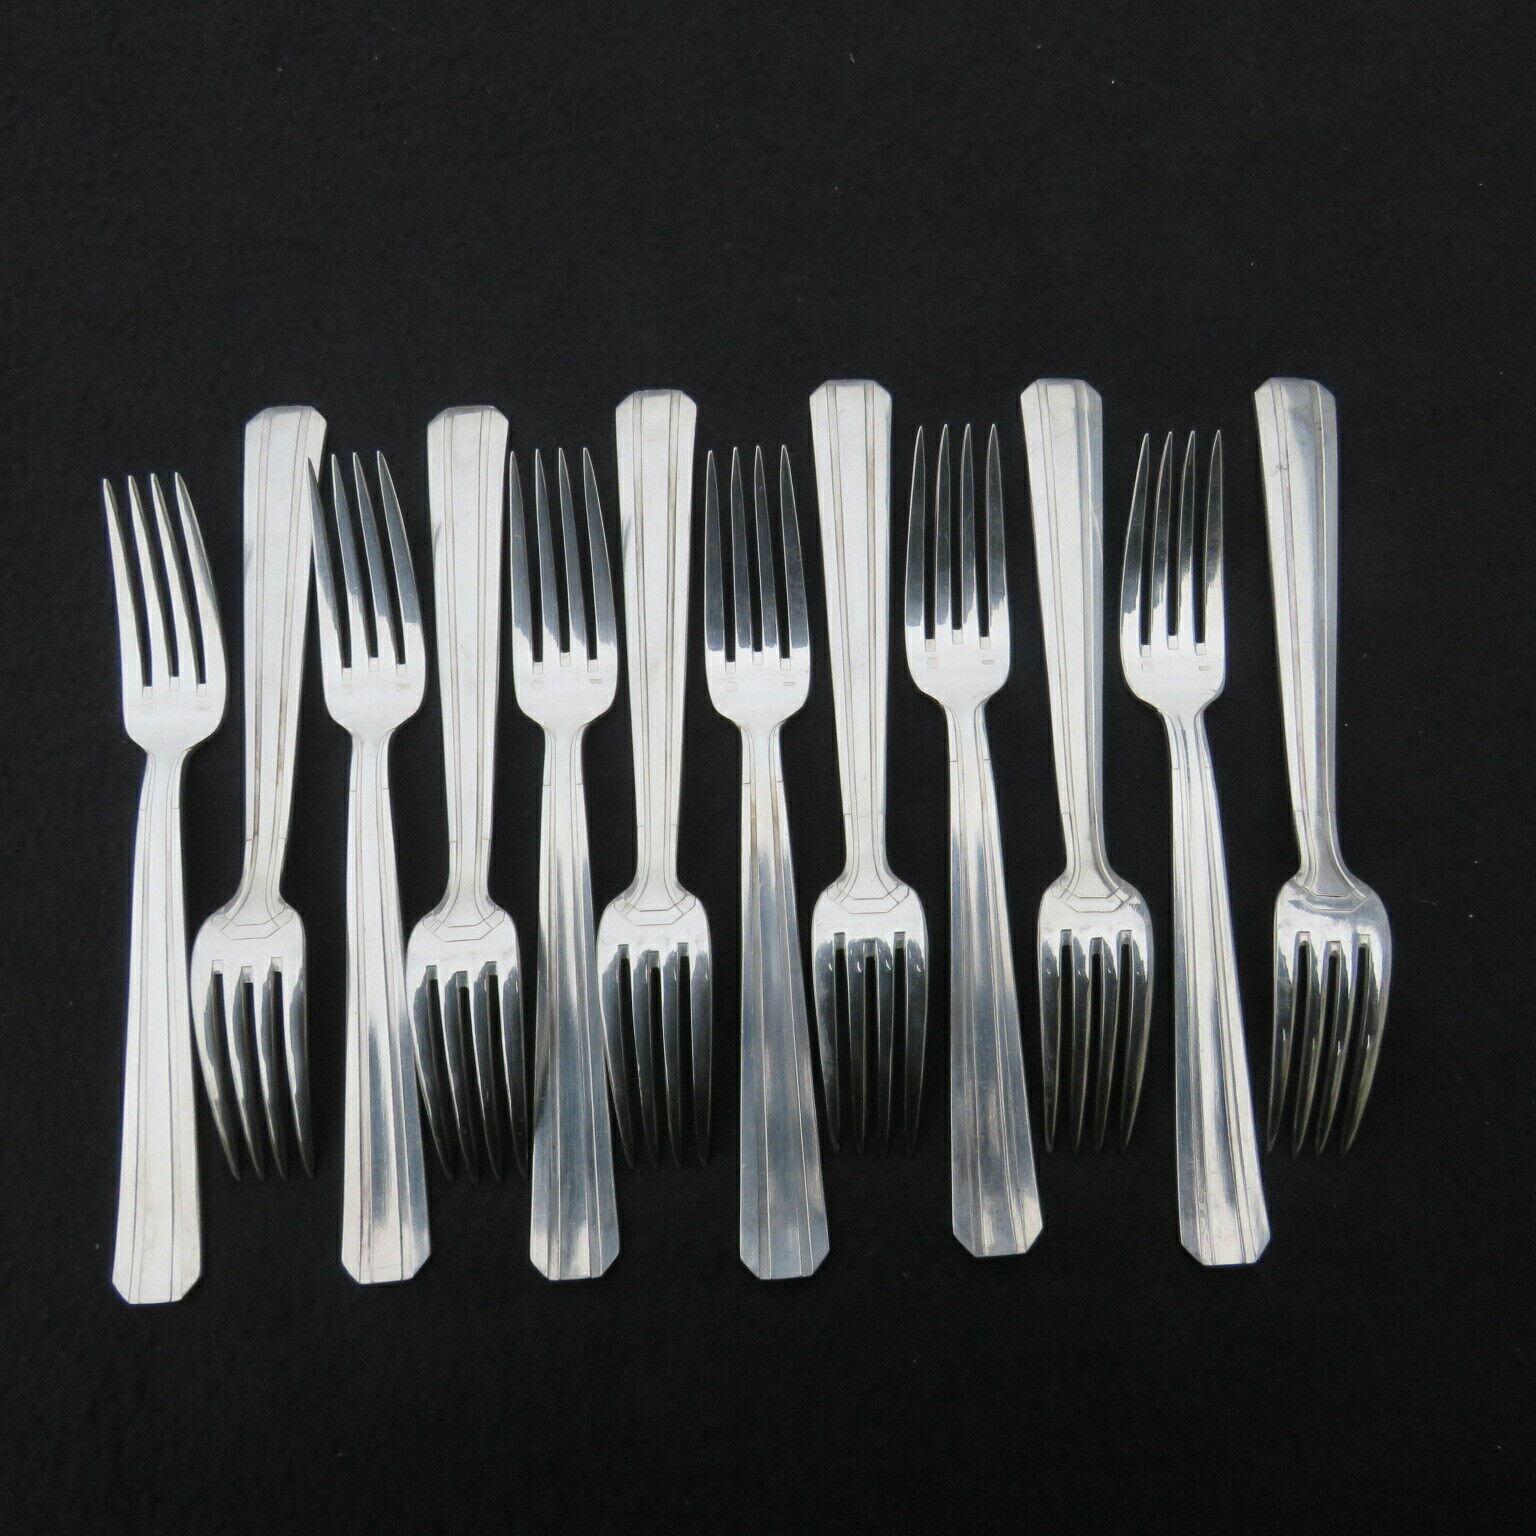 12 fourchettes à entremet en métal argenté orfèvre Perrin  modèle art déco